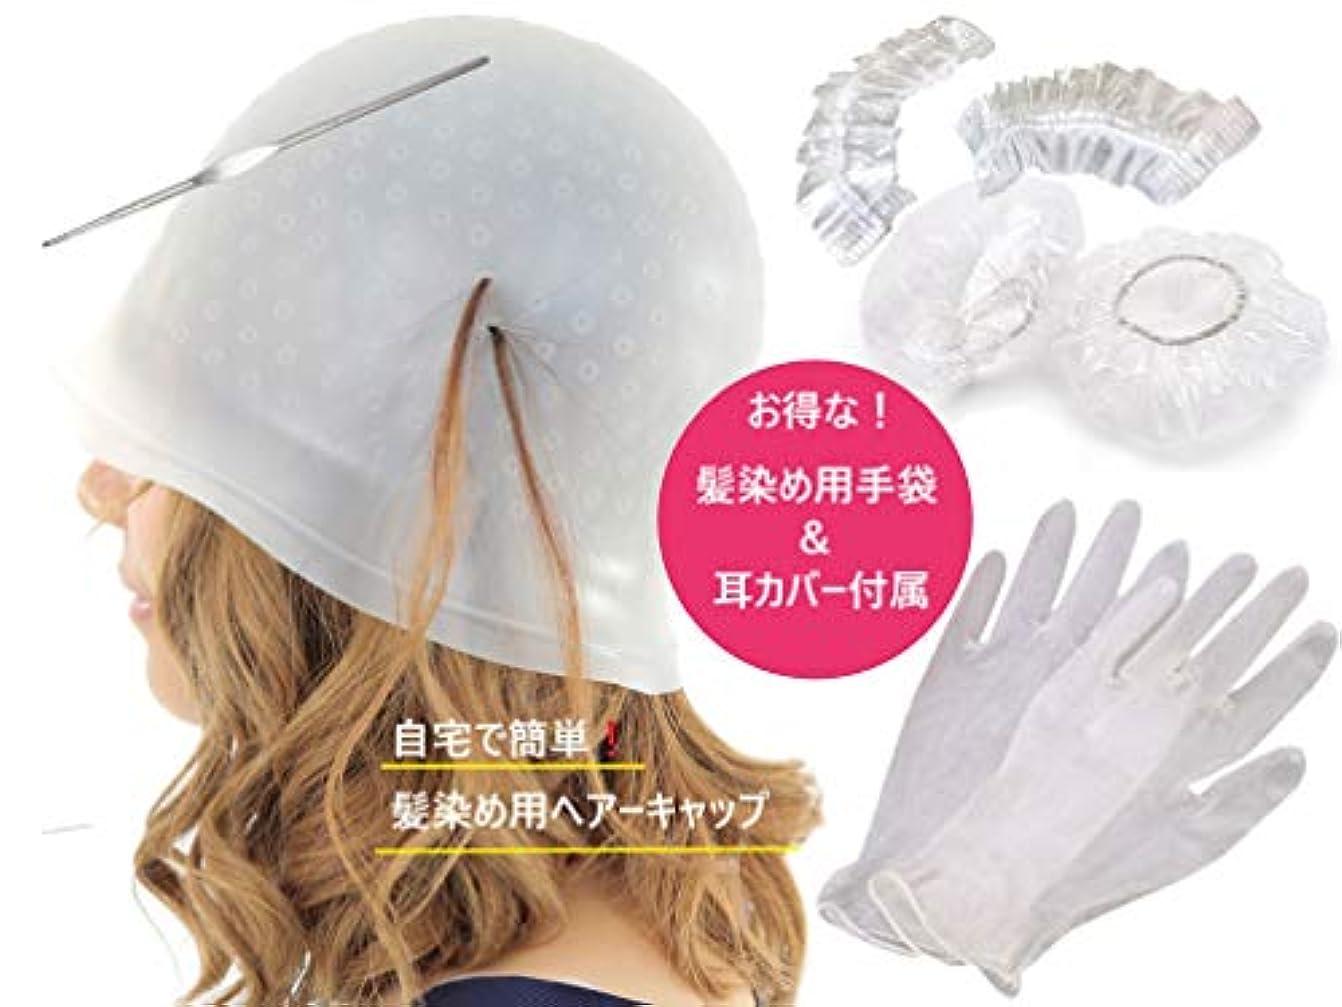 インタネットを見る面不公平髪染めヘアーキャップ(汚れ防止耳カバー?手袋?かぎ針の付属3点) インナーカラー、ハイライト、メッシュ 柔軟性、耐久性に優れた素材